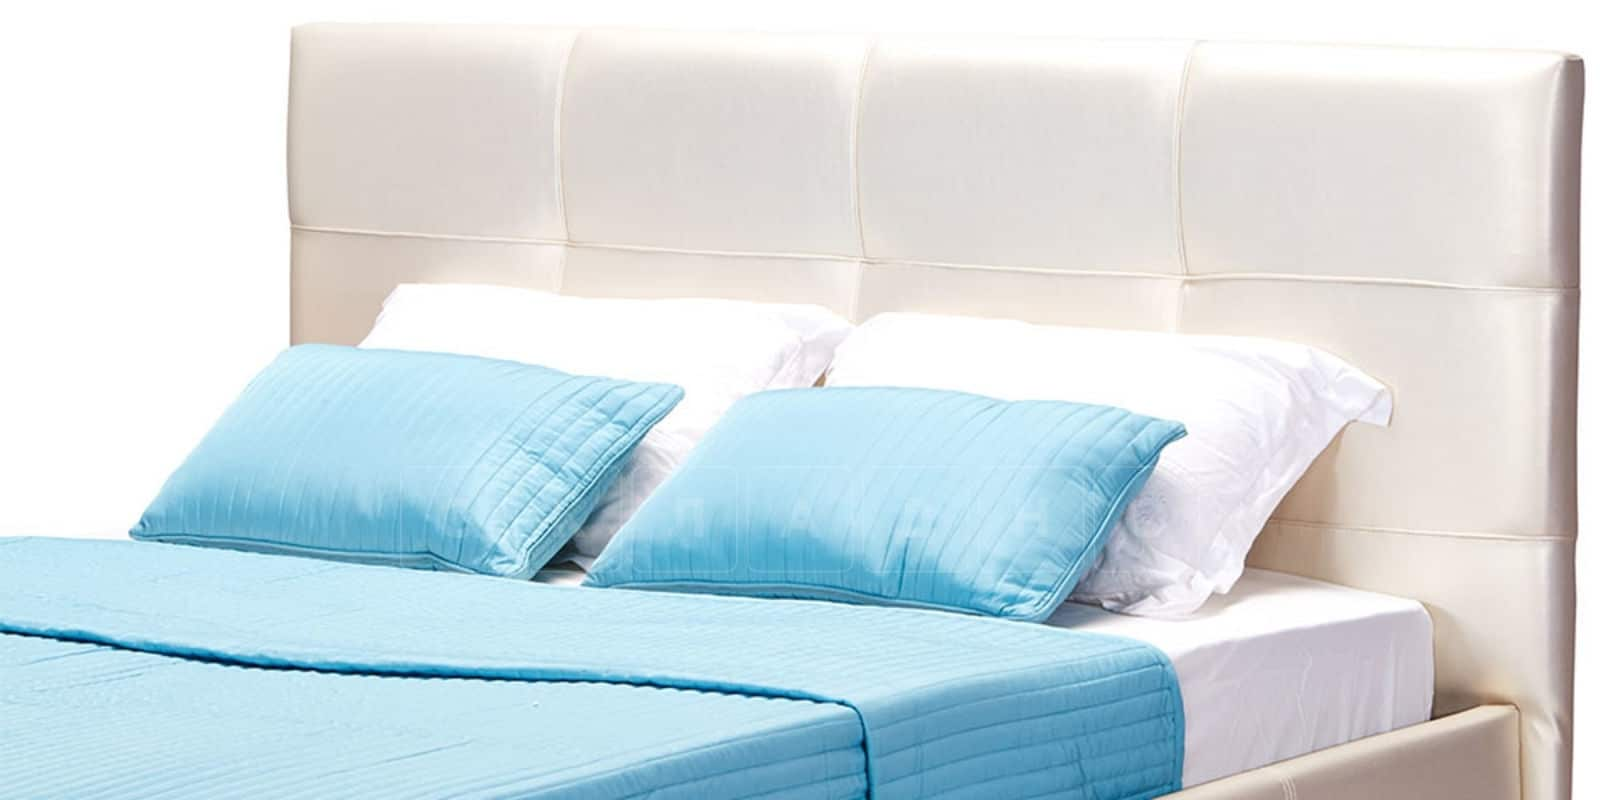 Мягкая кровать Лайф 160см перламутр с подъемным механизмом фото 6 | интернет-магазин Складно